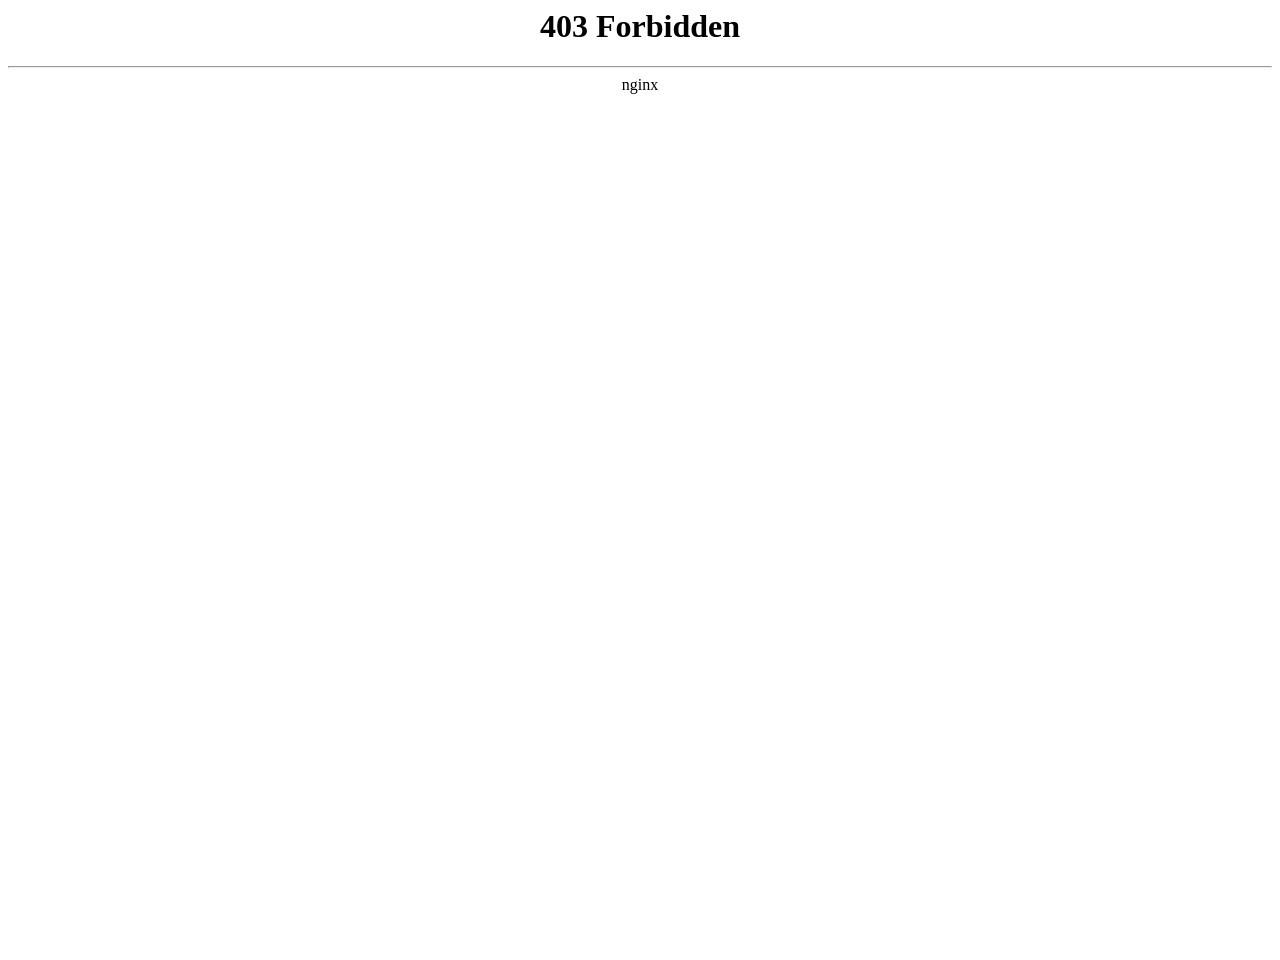 extreamiptv.com